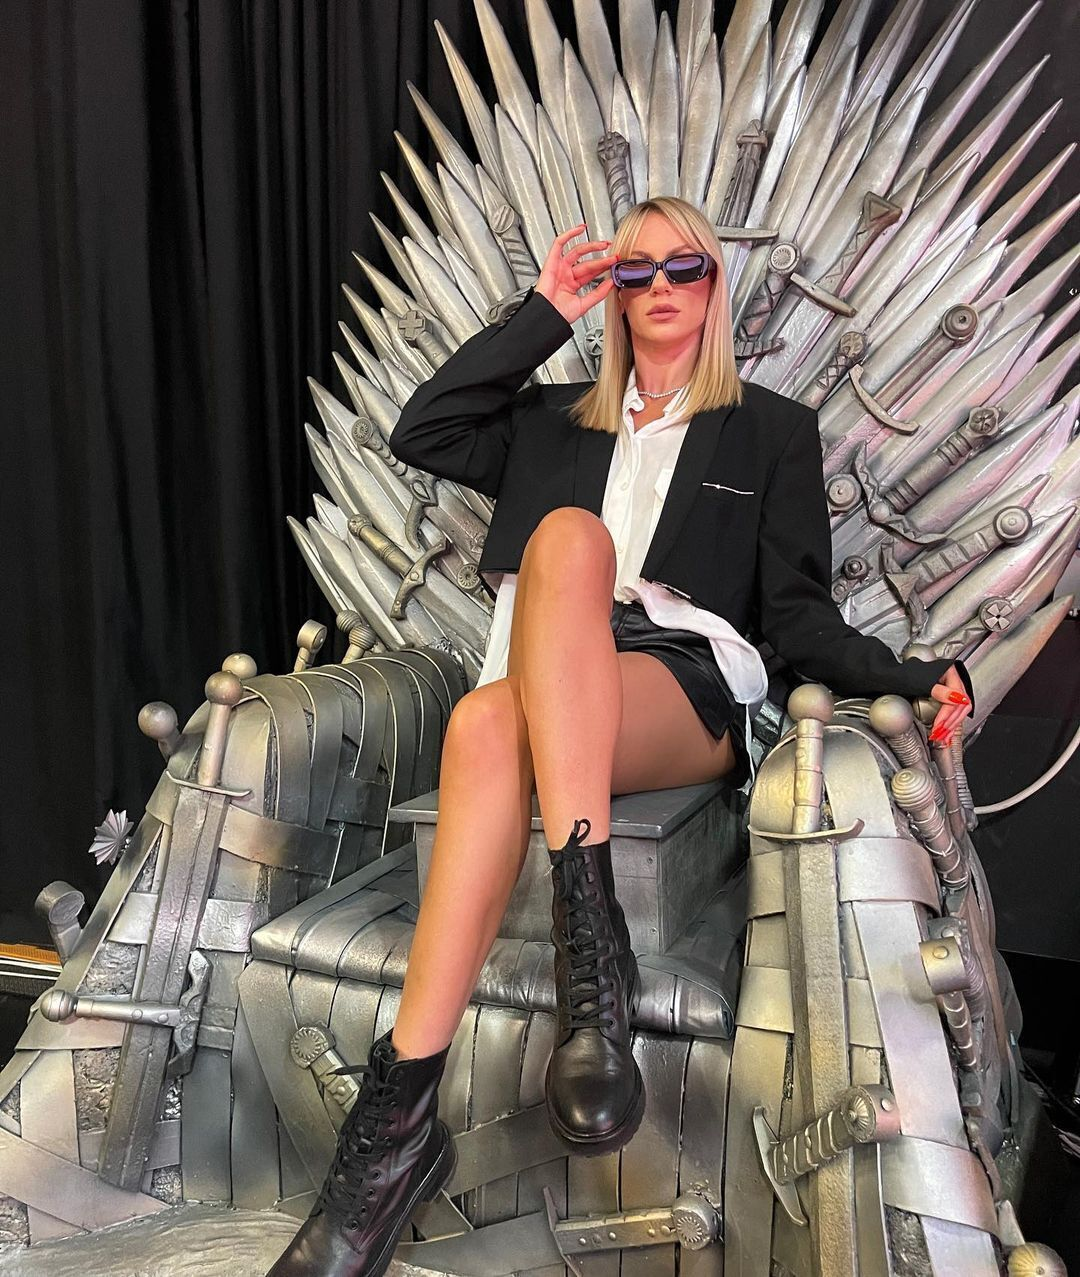 Никитюк устроила пикантную фотосессию на Железном троне